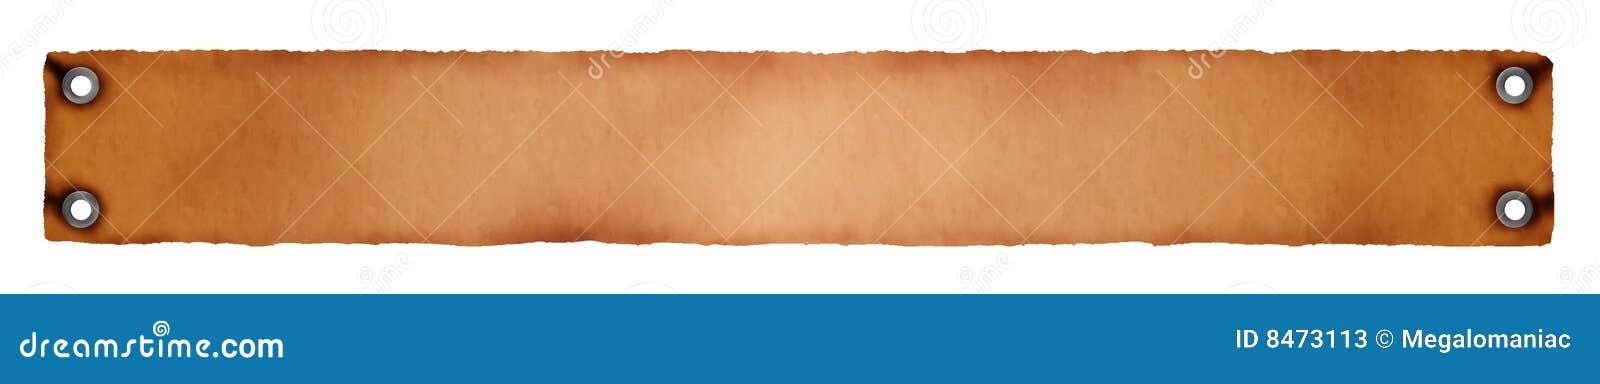 Achtergrond in oranje bruin met openingen stock illustratie afbeelding 8473113 - Kussen oranje en bruin ...